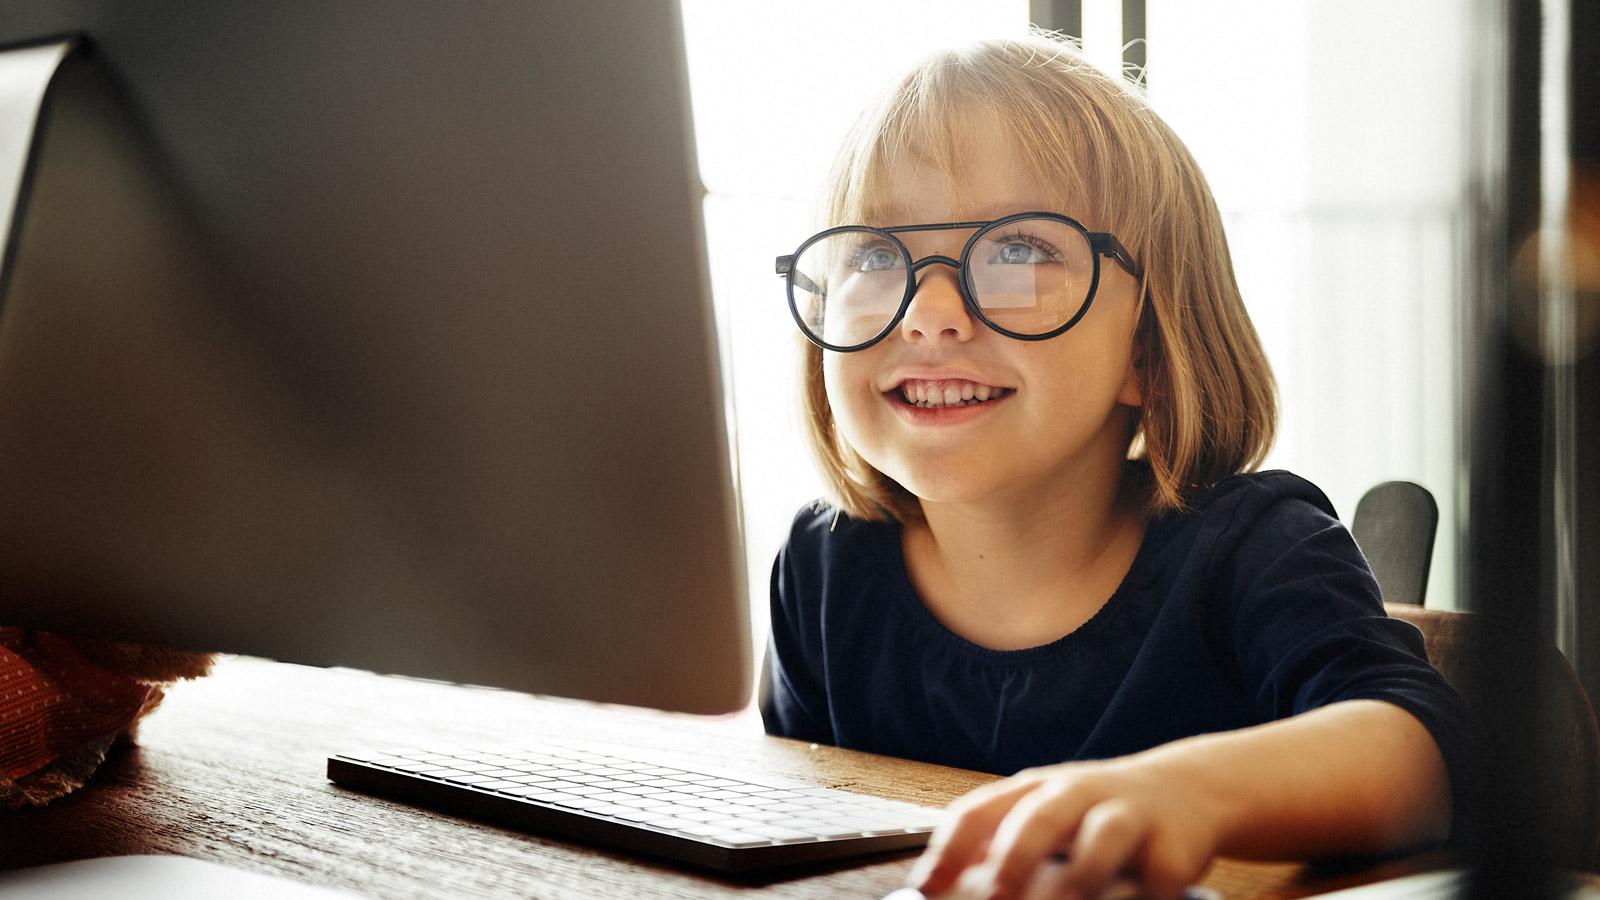 Polska sztuczna inteligencja ochroni dzieci w Internecie? AI mediarun dziecko komputer SI 2020